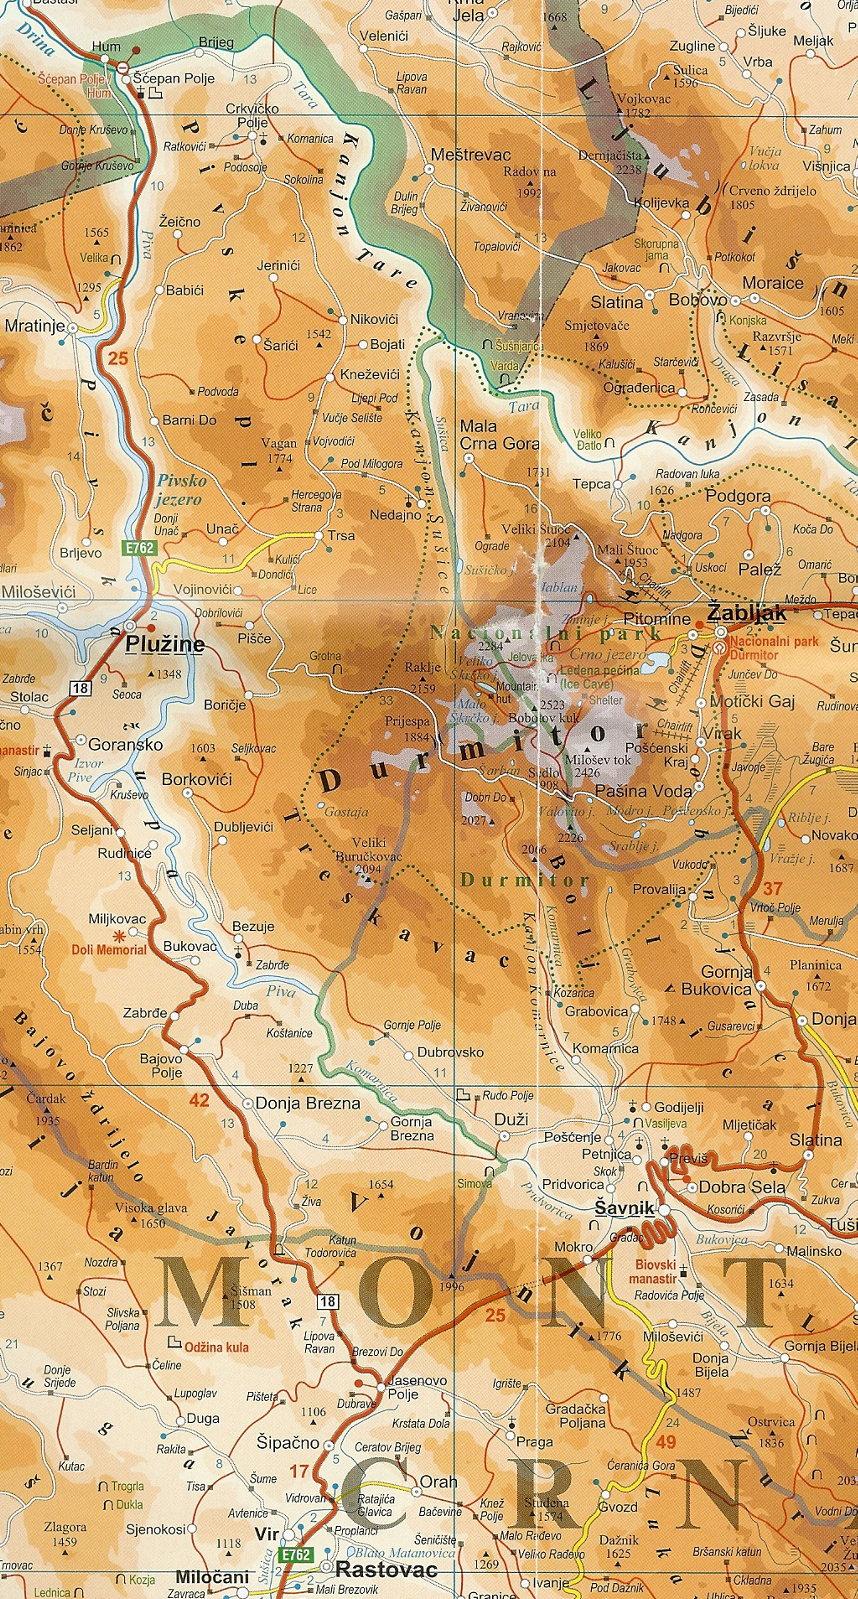 Piva Schlucht und Durmitor National Park